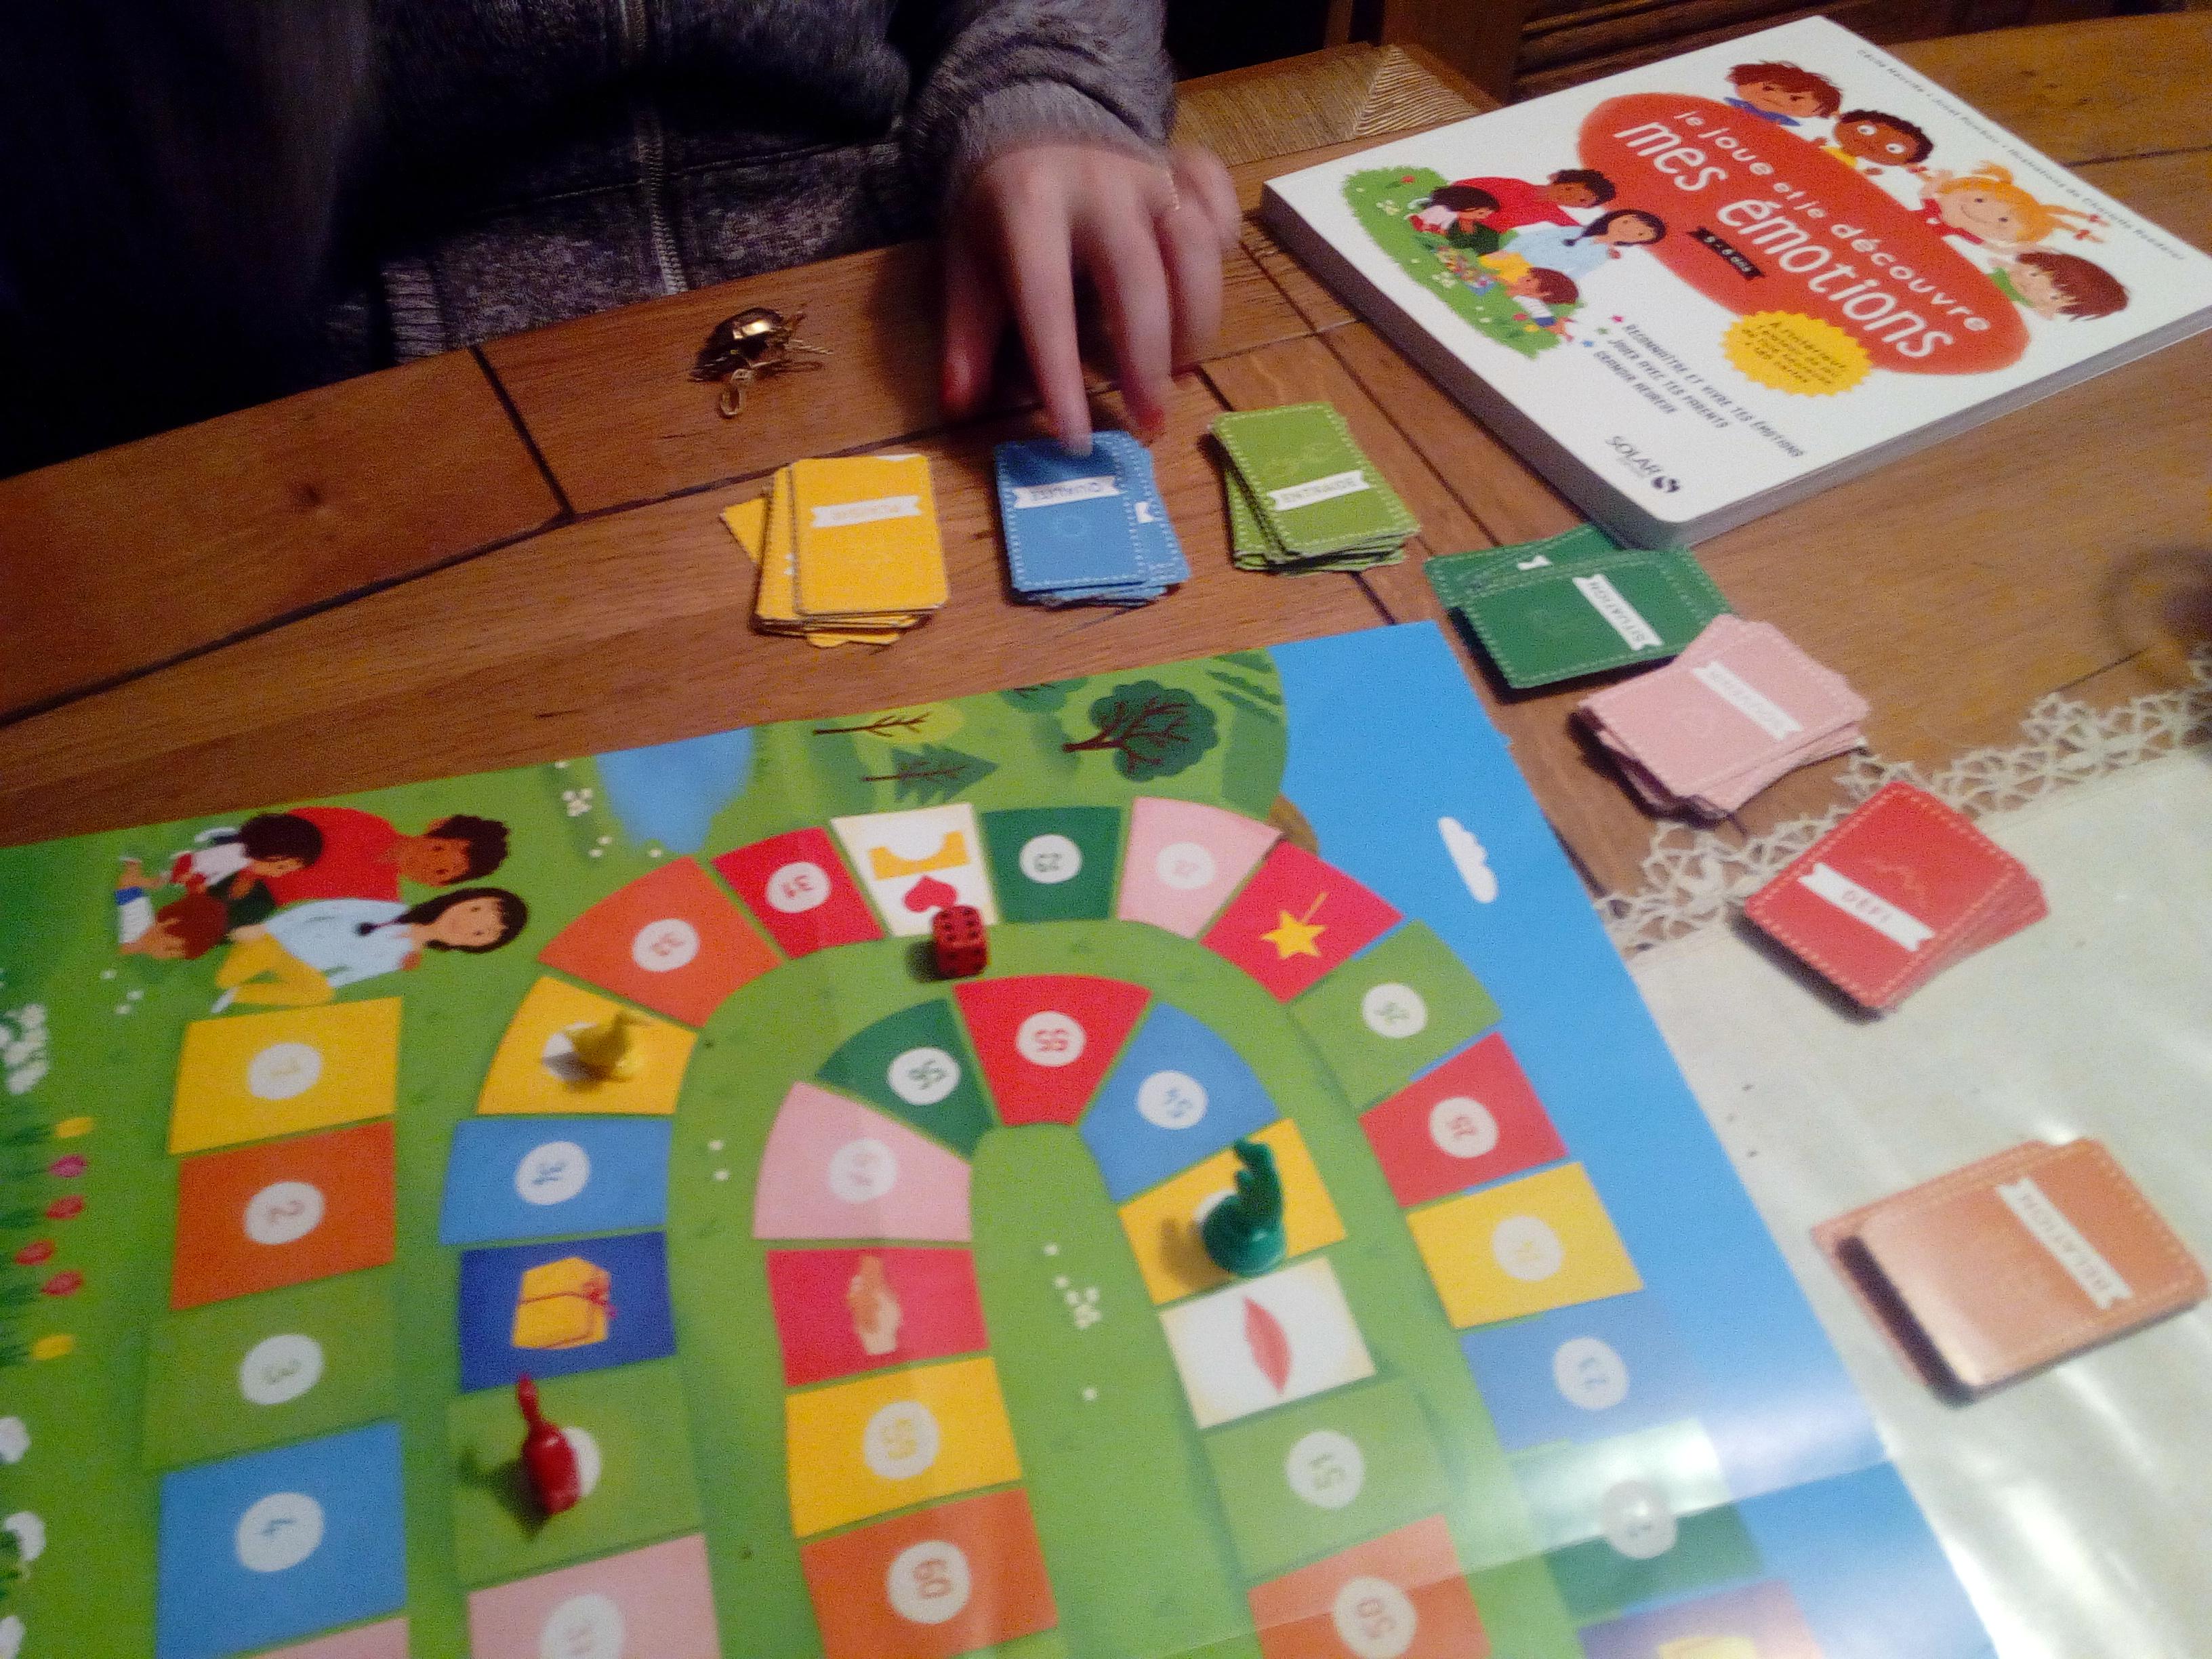 jeu de l'oie des émotions famille